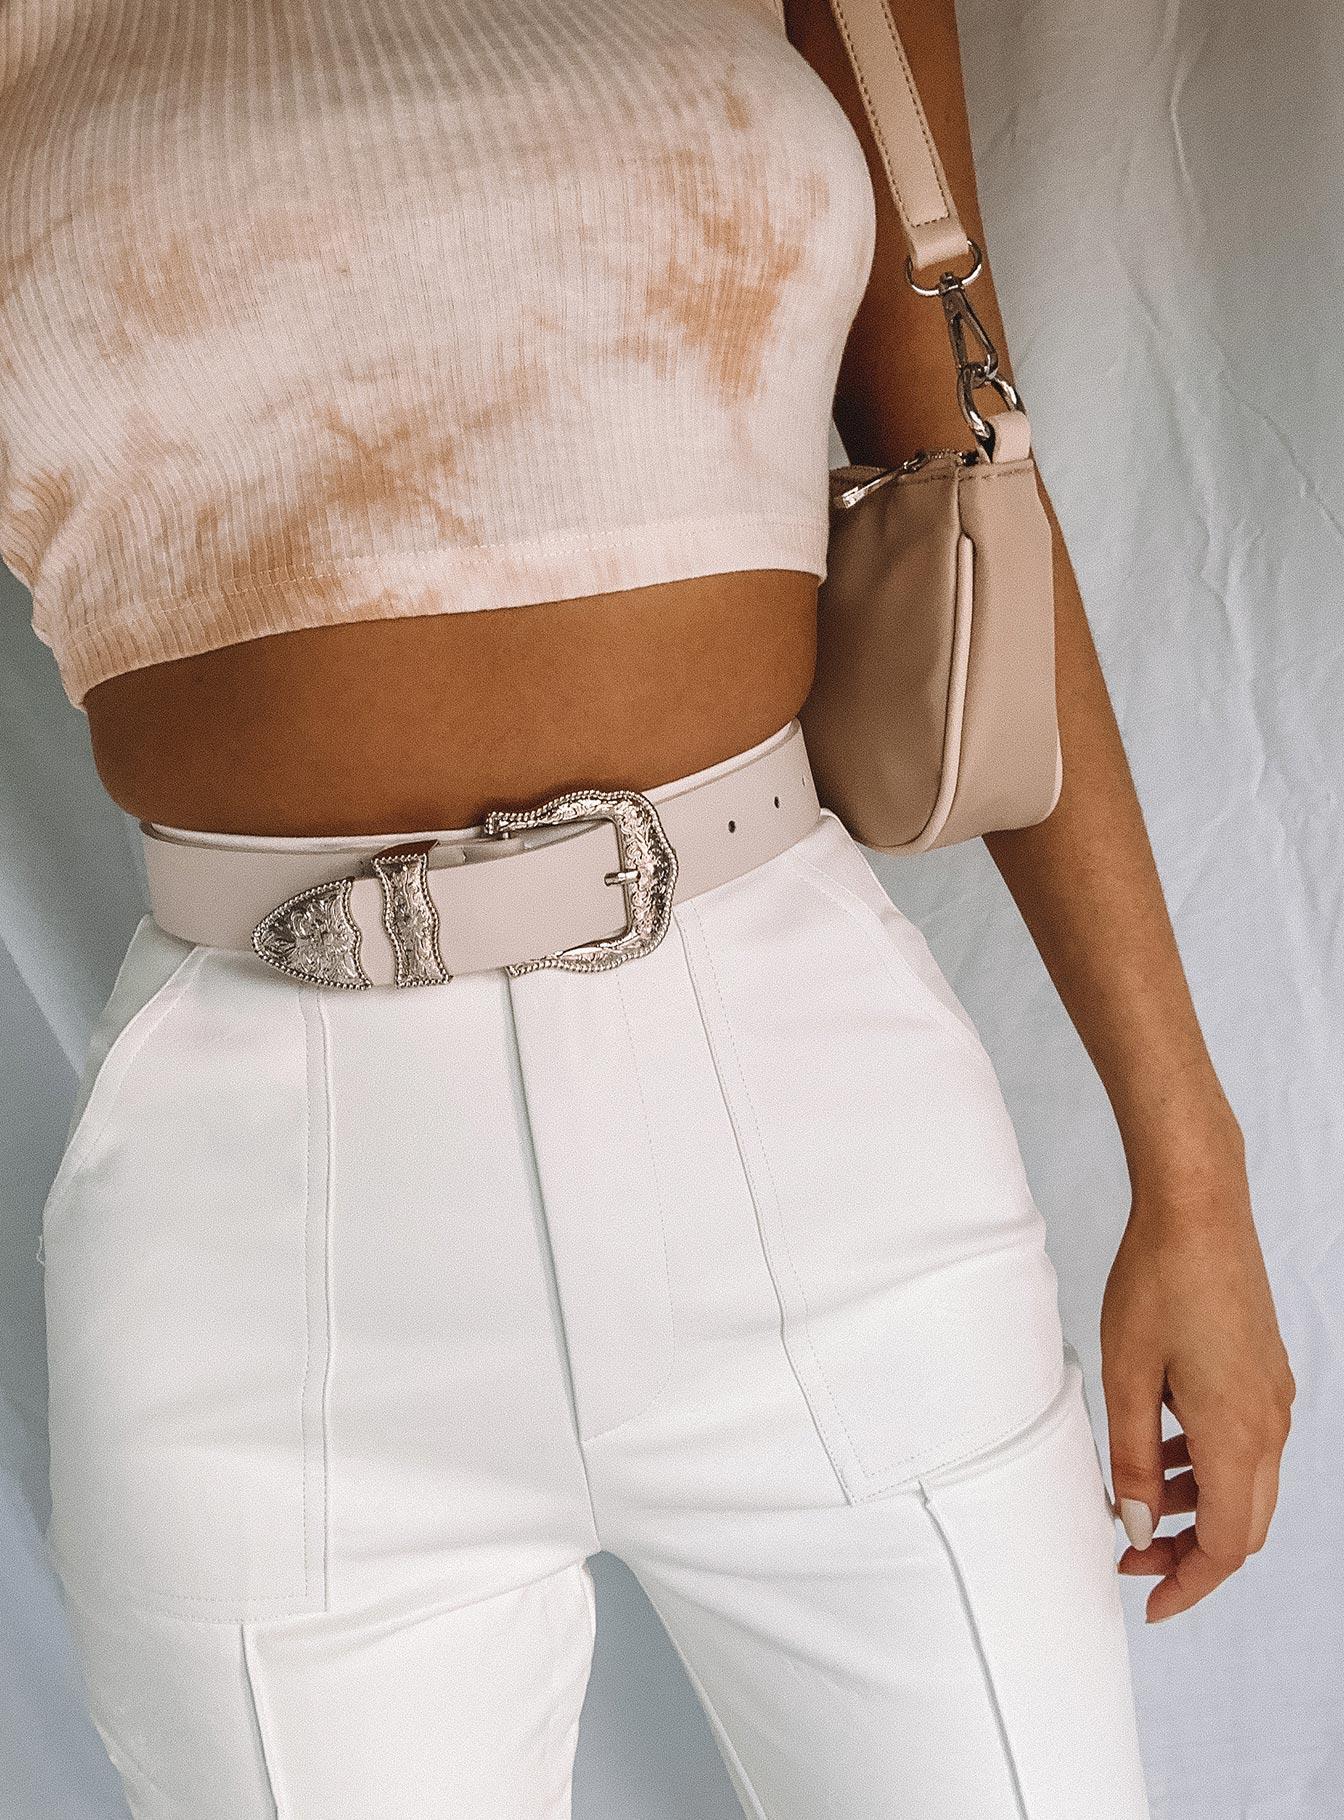 Belts (Side A)